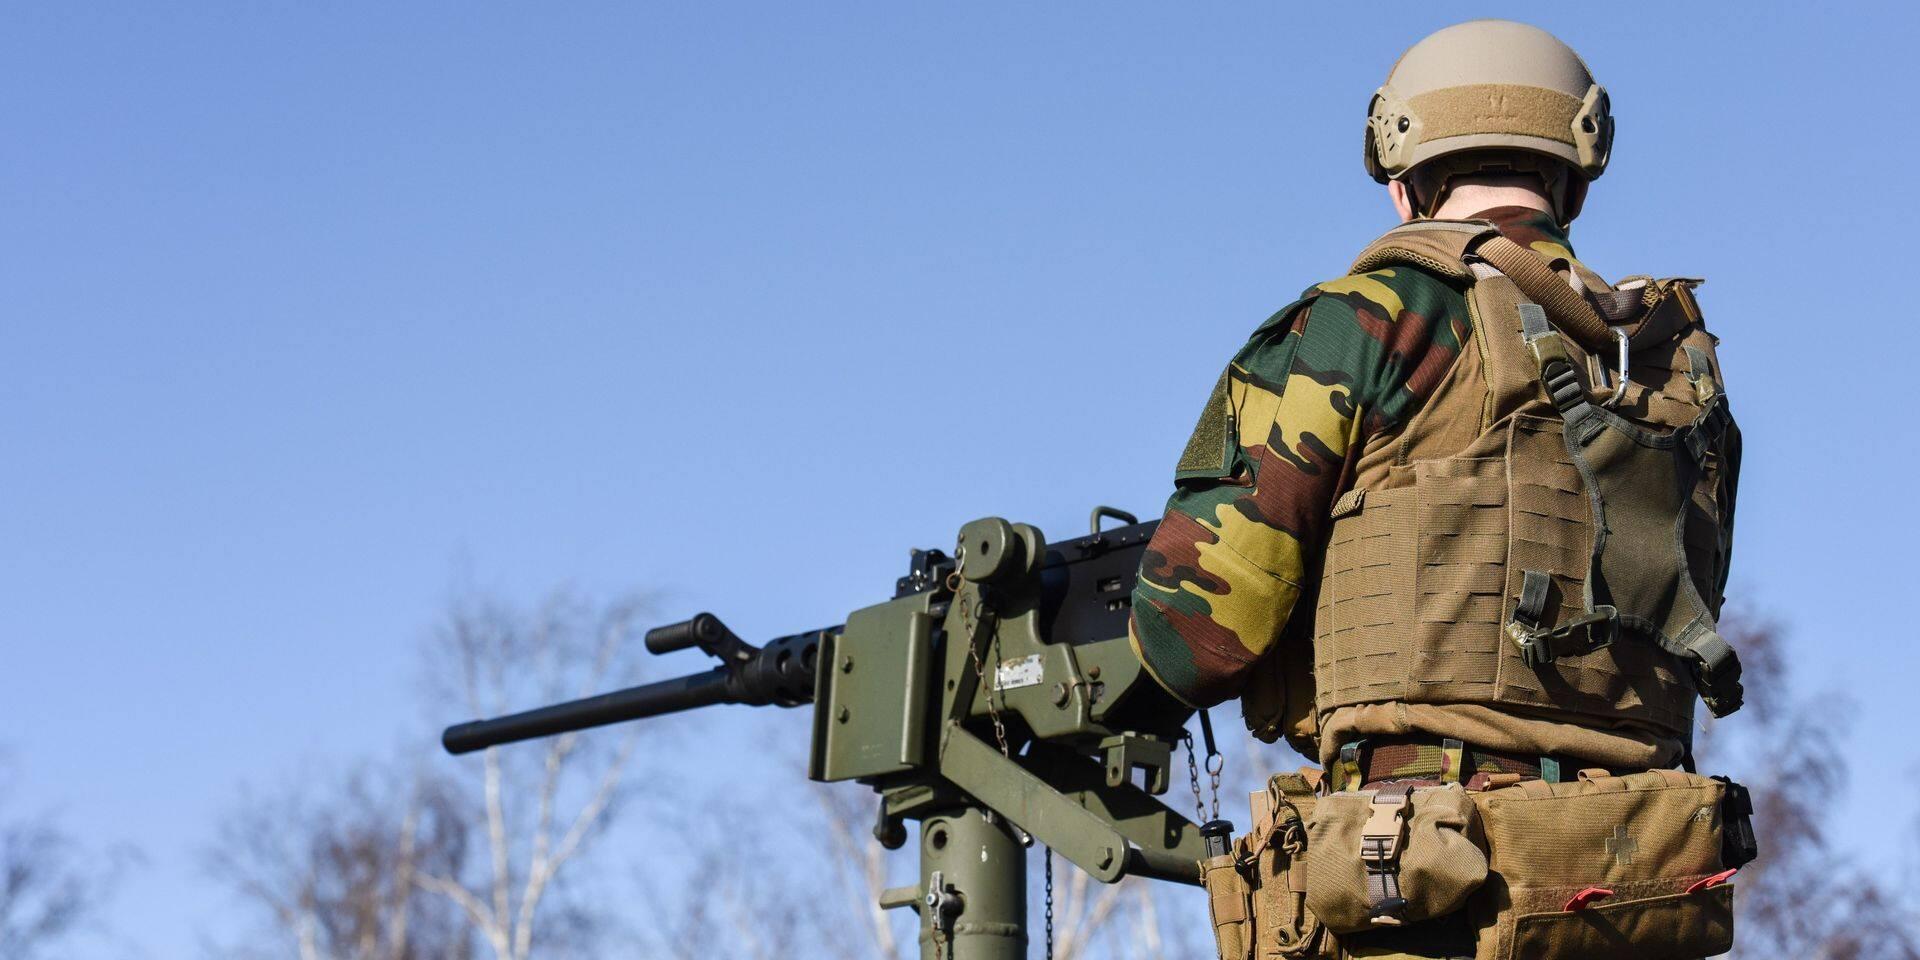 Le Conseil d'Etat suspend 4 licences d'exportations d'armes wallonnes à l'Arabie saoudite : les ONG se félicitent de la décision